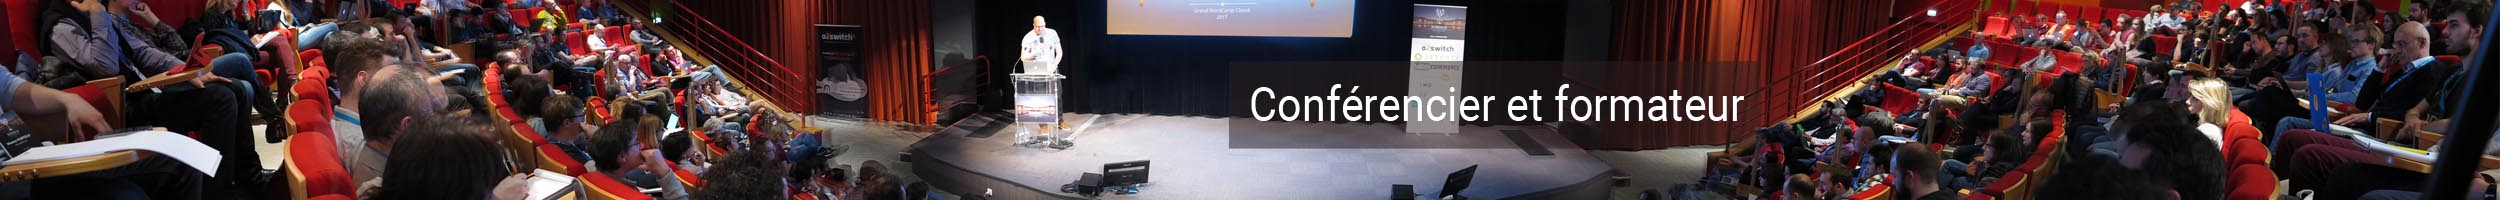 conferencier-formateur-seo-wordpress-prestashop